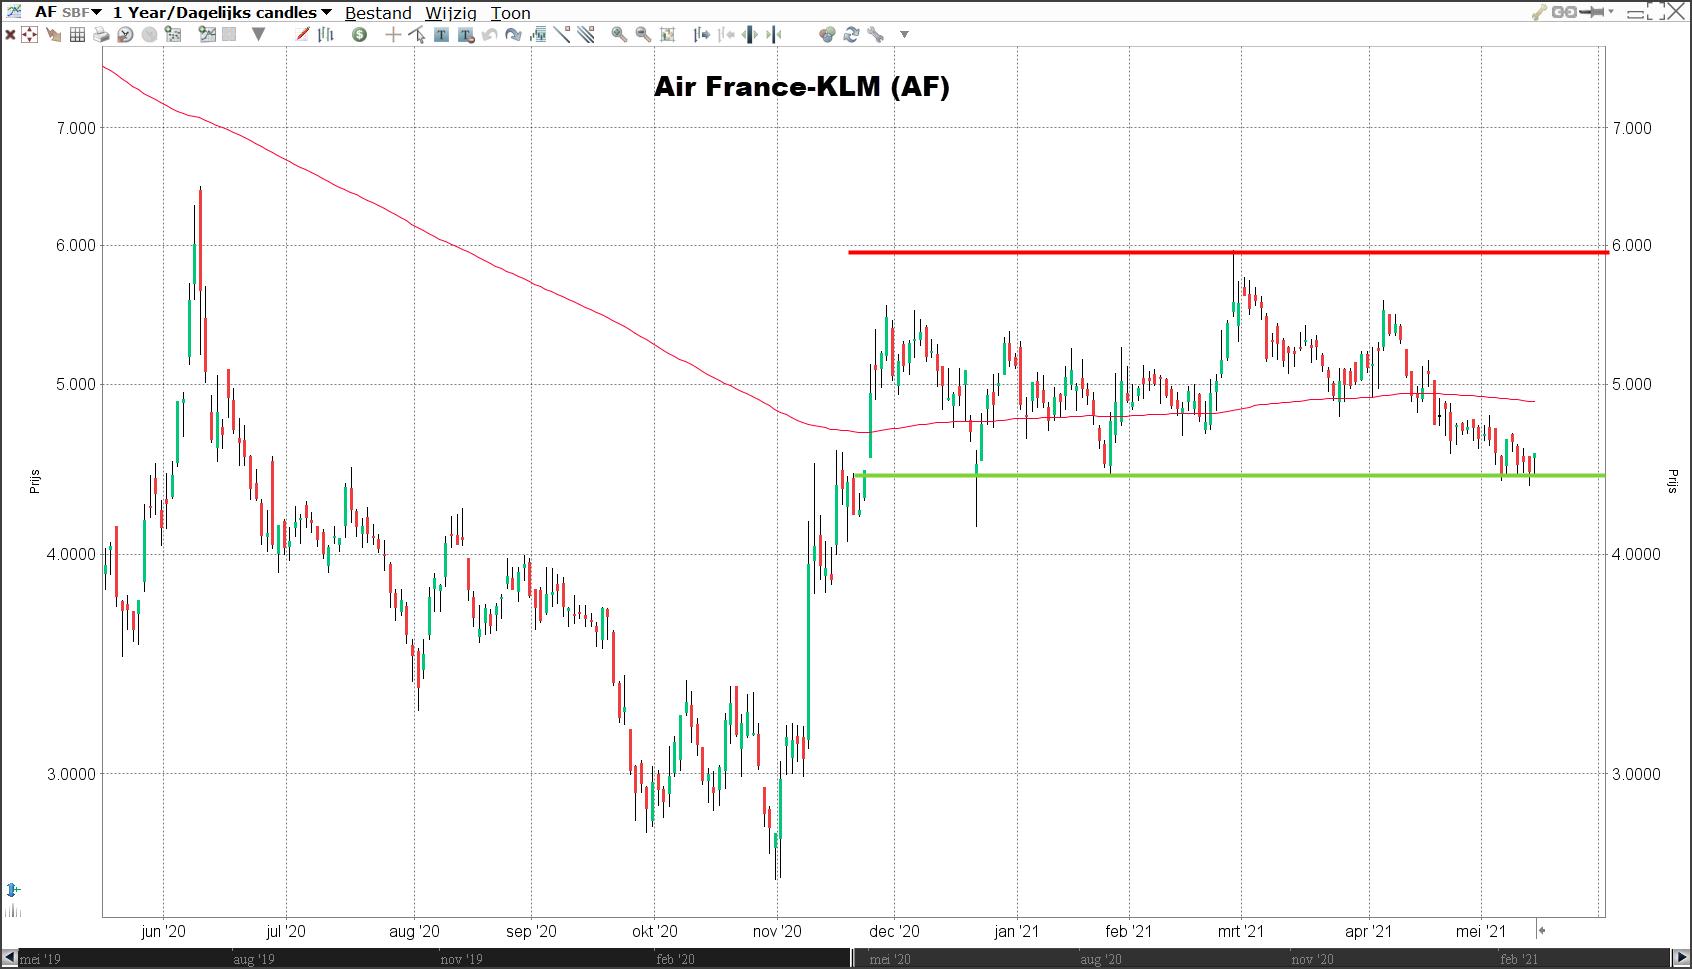 Aandeel Air France-KLM   Air France-KLM koers   Beleggen in Air France-KLM   Kosten aandeel Air France-KLM